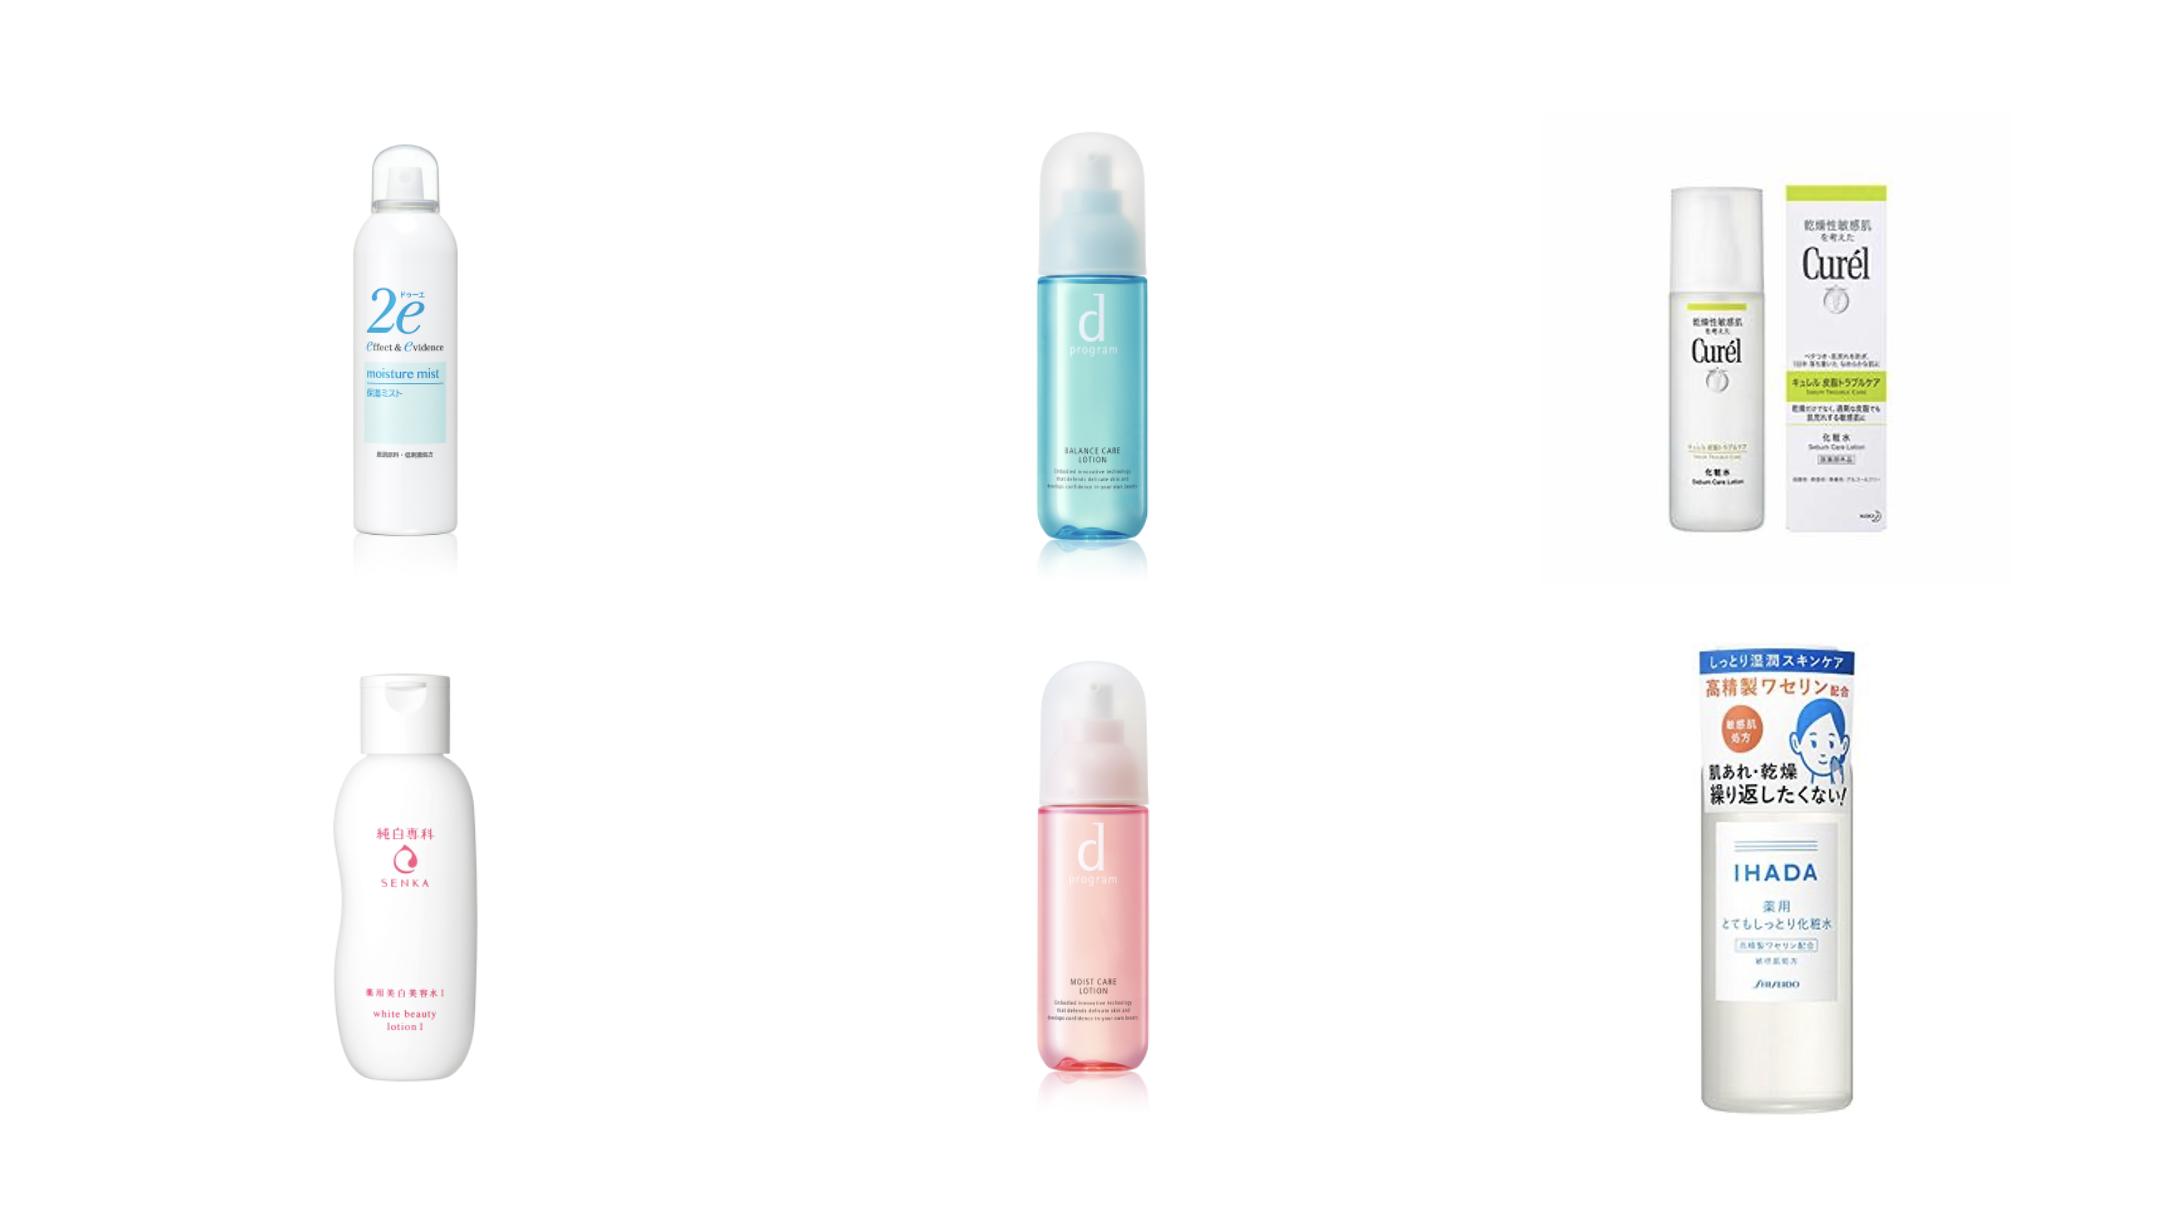 10代向け化粧水おすすめ人気ランキング15選!ニキビ・テカり・乾燥など肌悩みをケアするアイテムを厳選